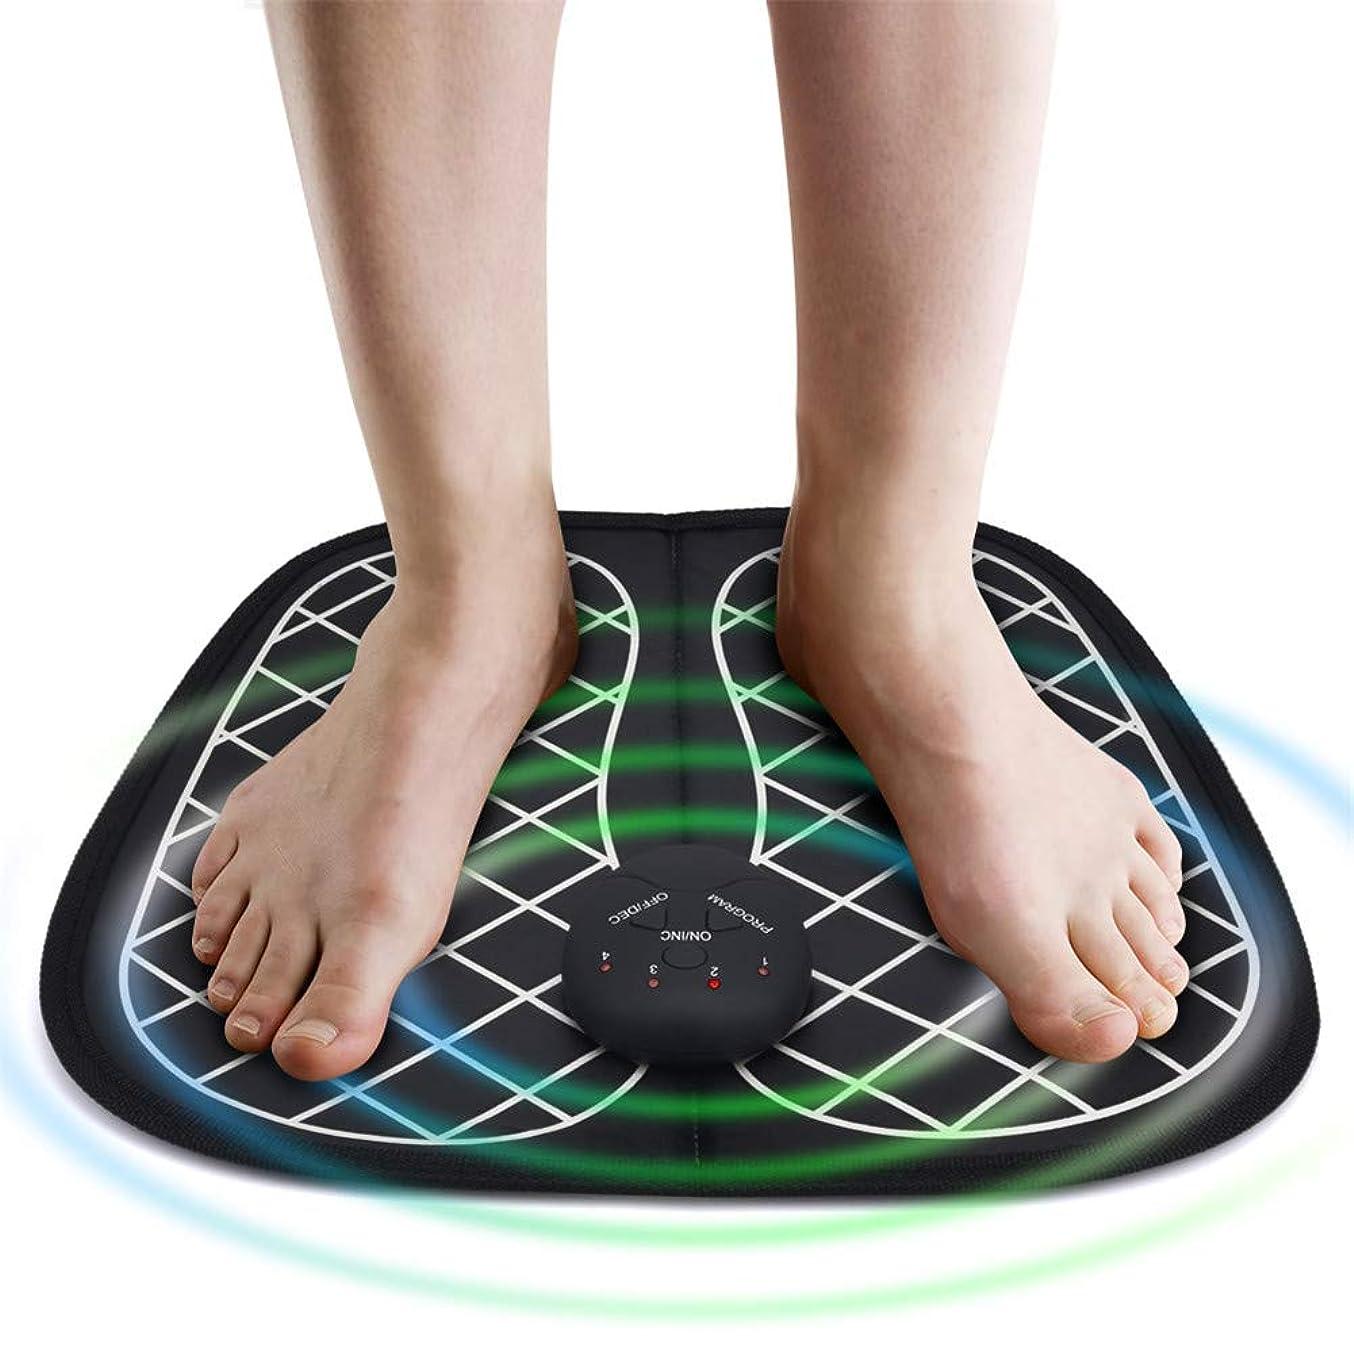 蓄積する不機嫌そうなディーラーEMSフットマッサージャーABSトレーナー理学療法若返りフットセラピー多数のワイヤレスフットバイブレーター筋肉刺激装置ユニセックス